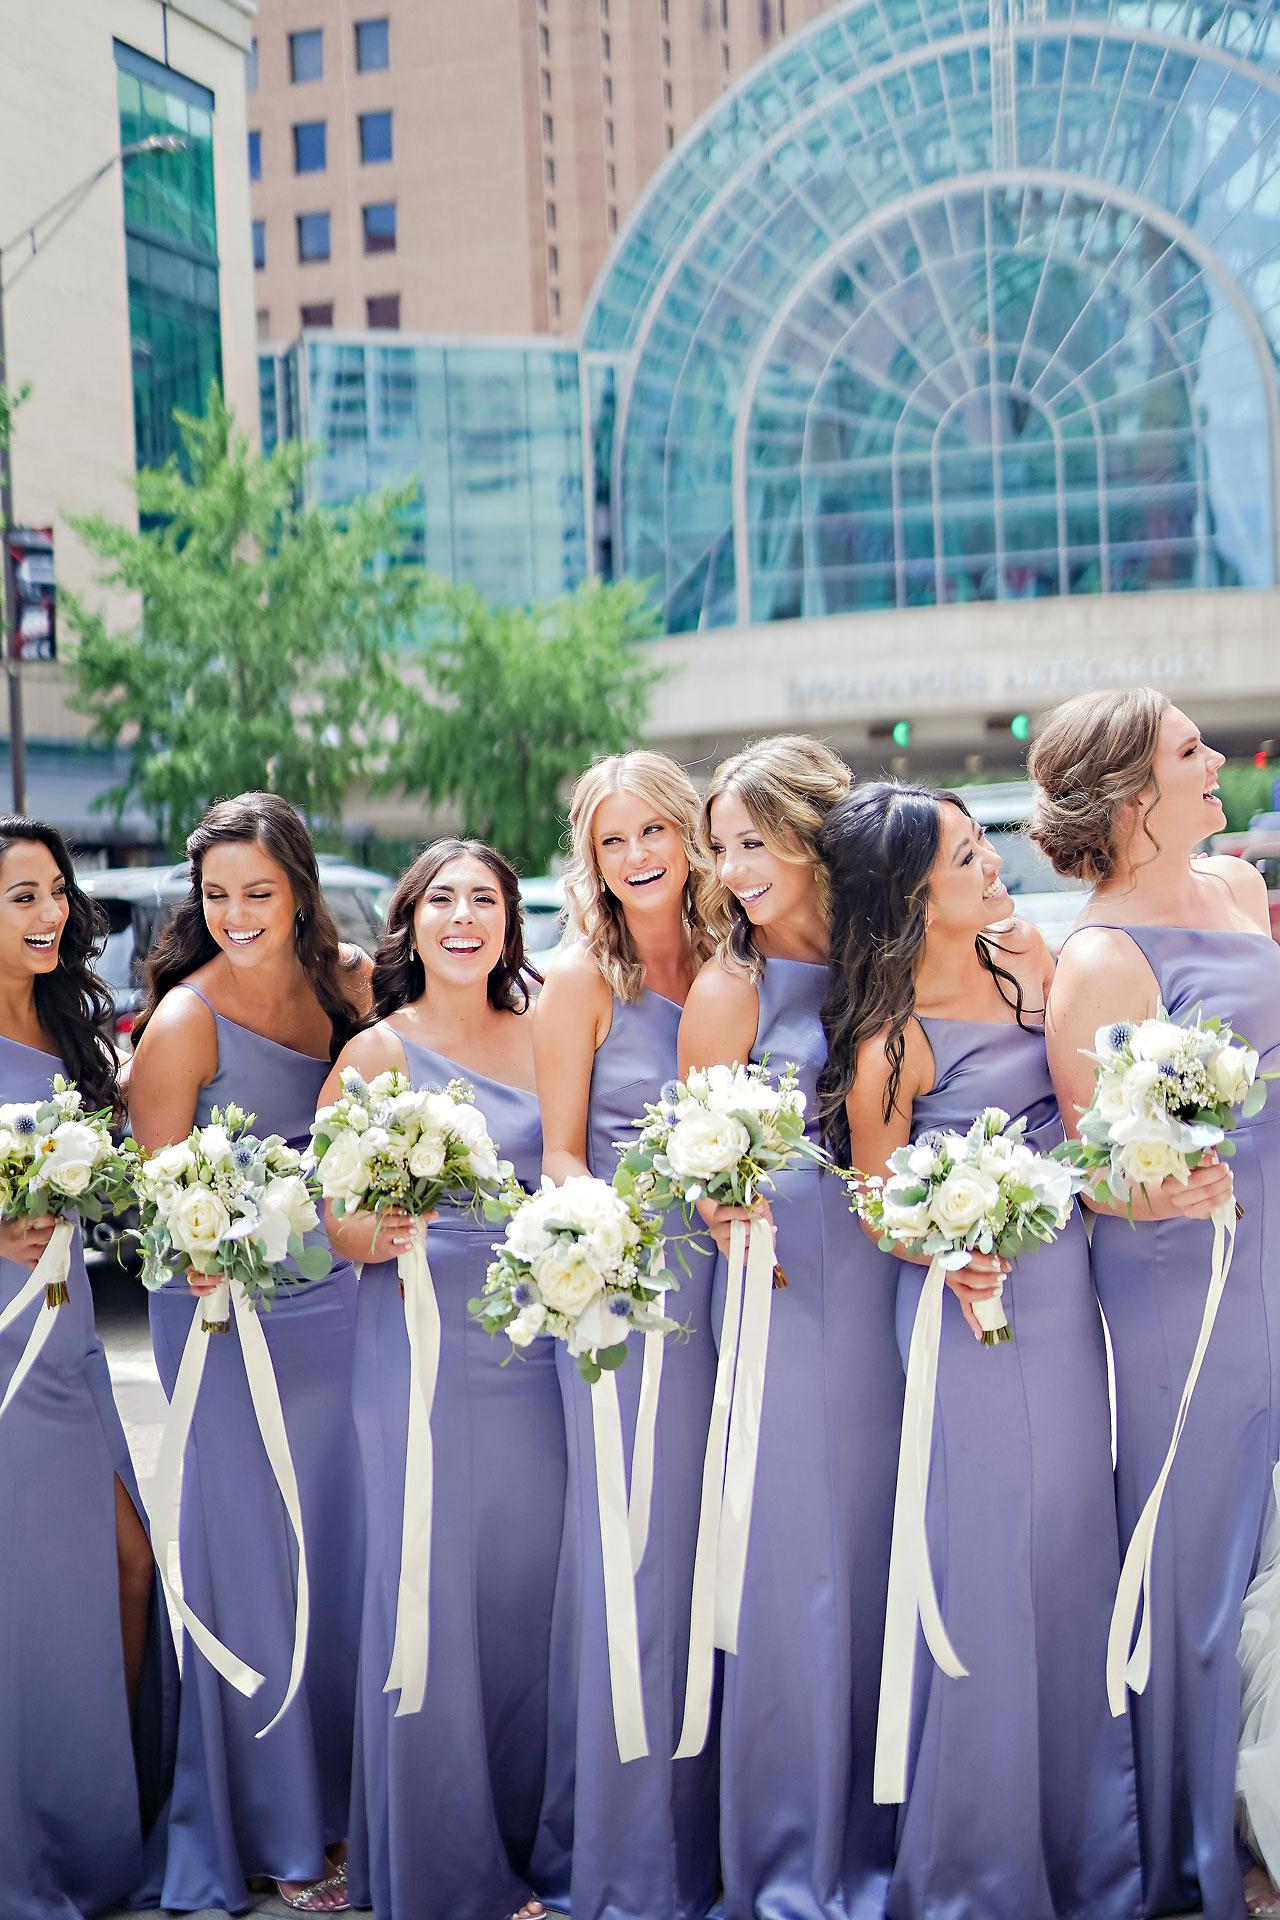 Liz Zach Conrad Artsgarden Indianapolis Wedding 043